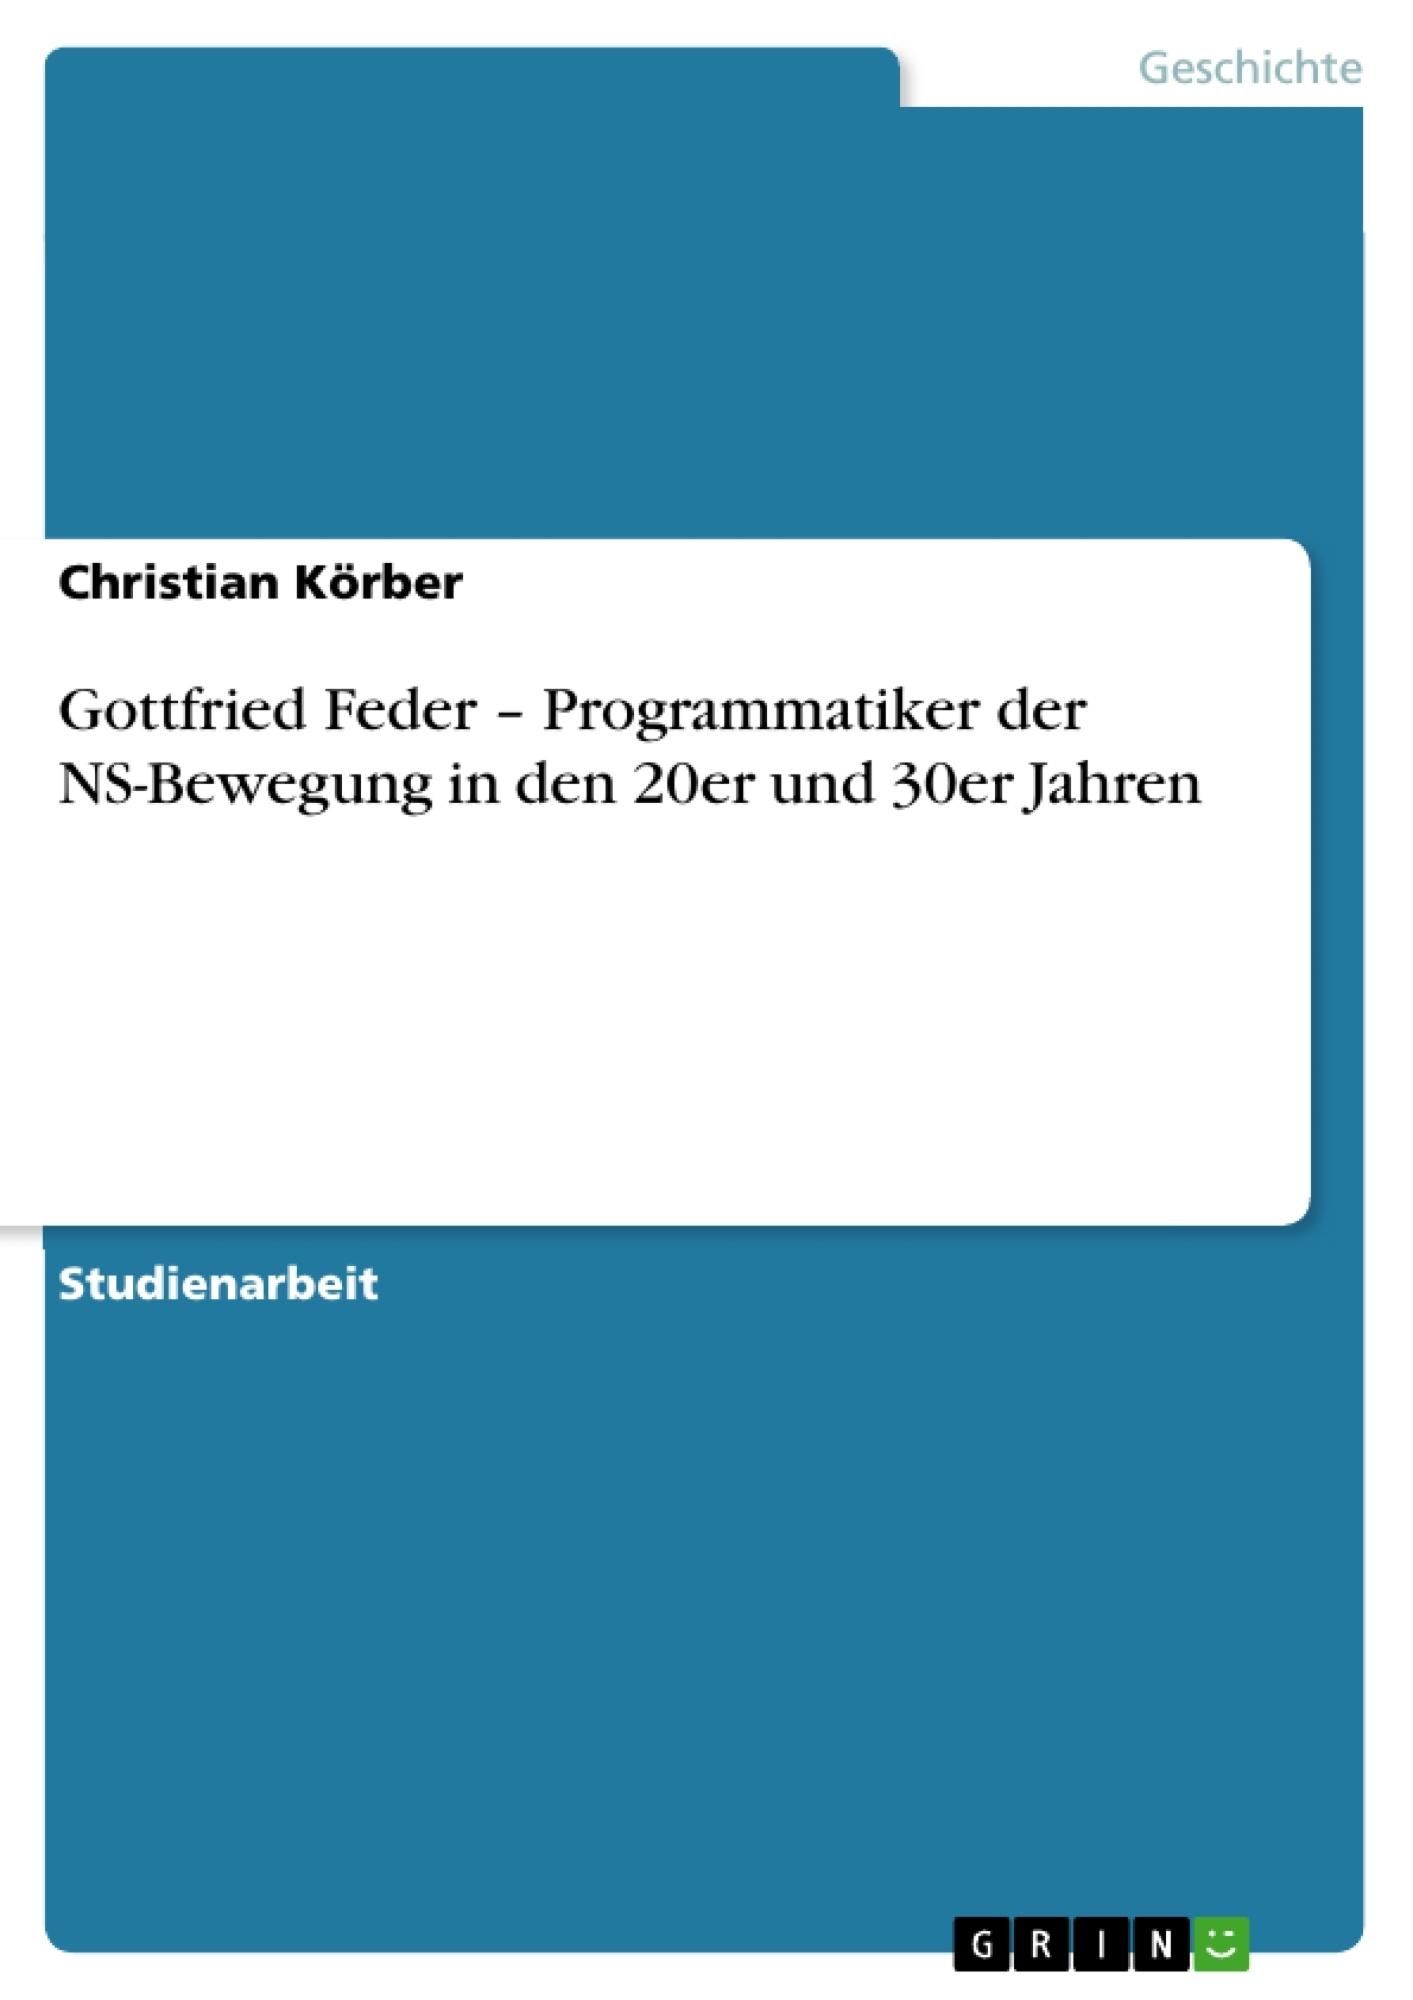 Titel: Gottfried Feder – Programmatiker der NS-Bewegung in den 20er und 30er Jahren